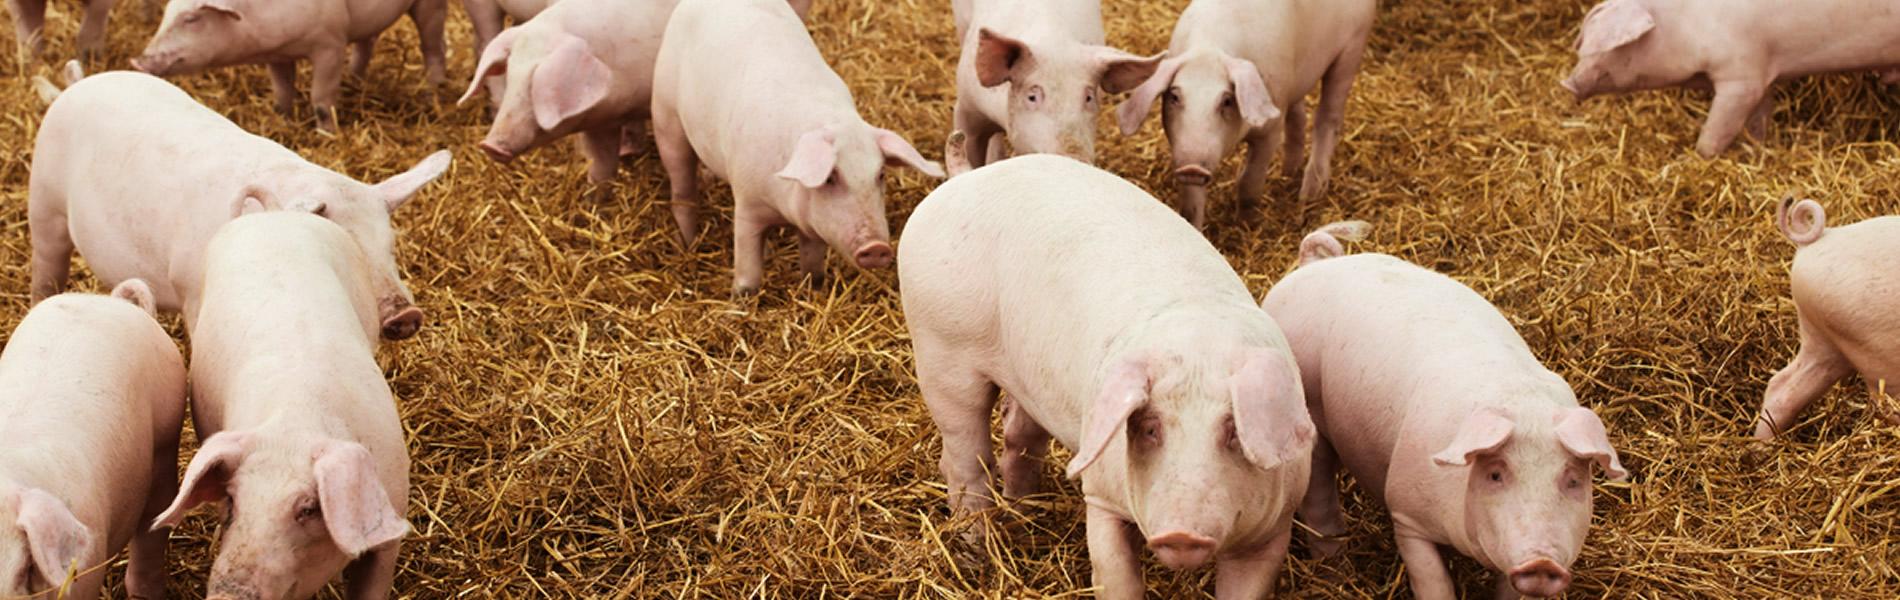 cerdos-magris